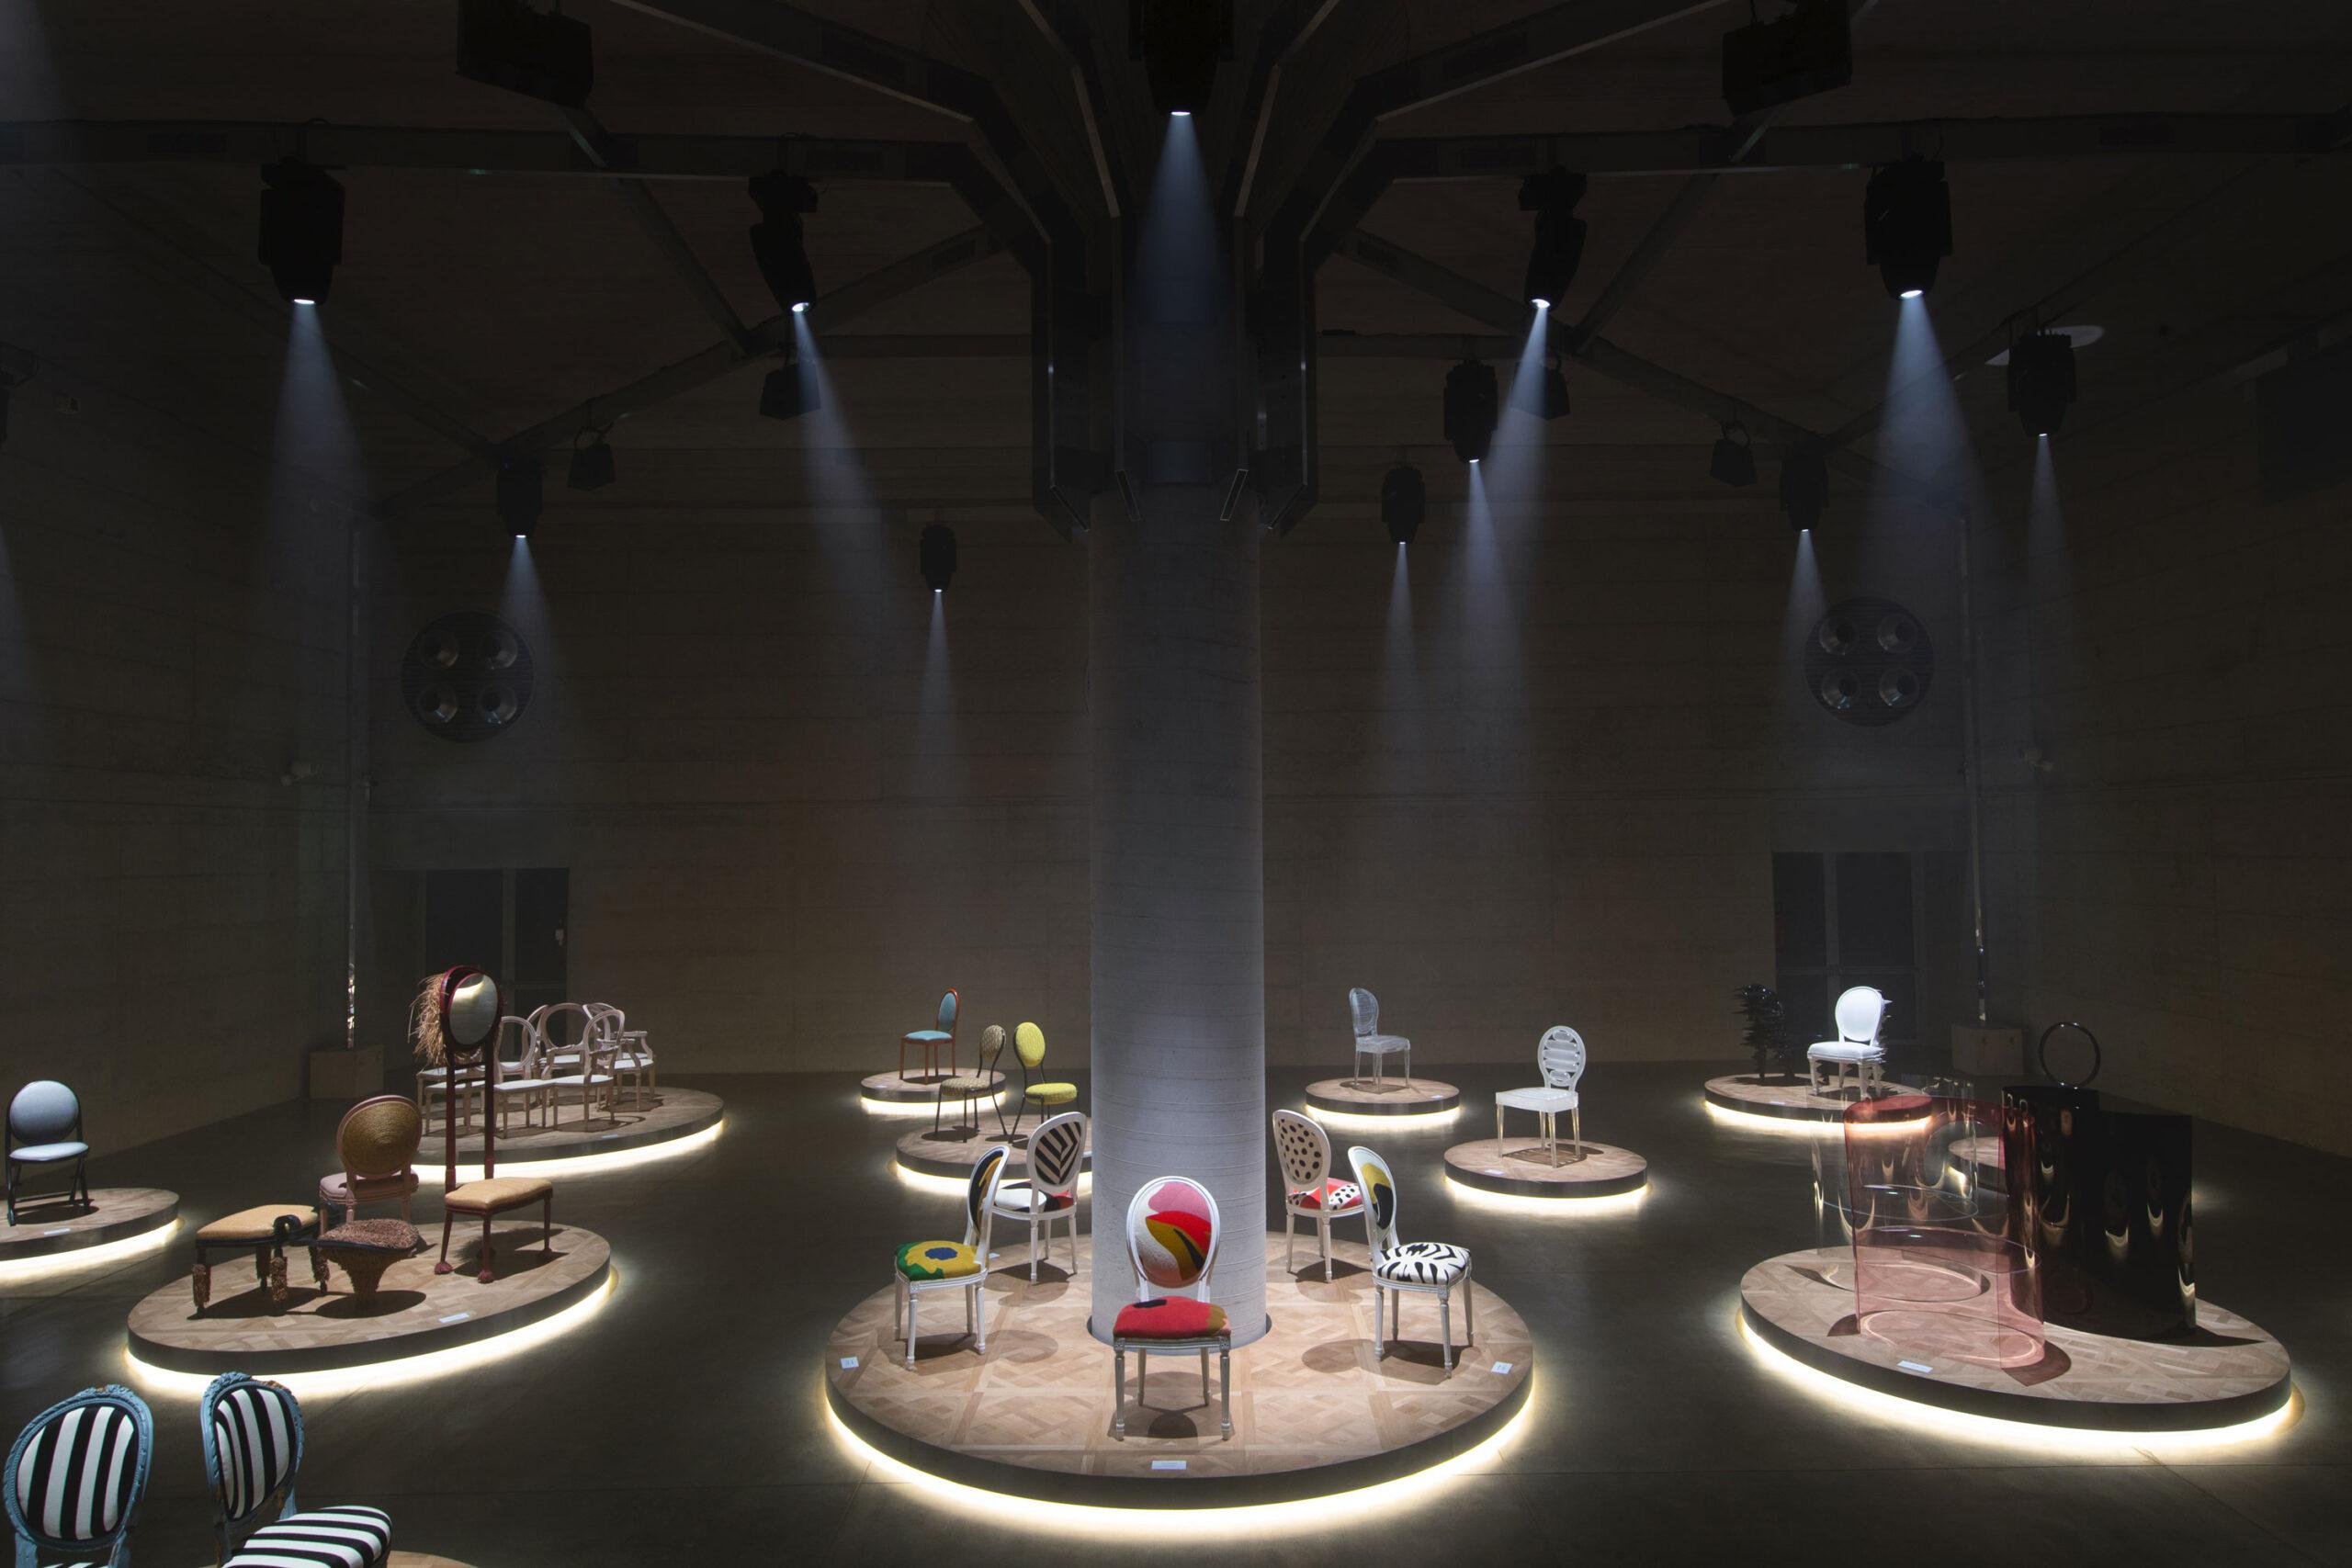 Dior, Salone Del Mobile ©Alessandro Garofalo 2021